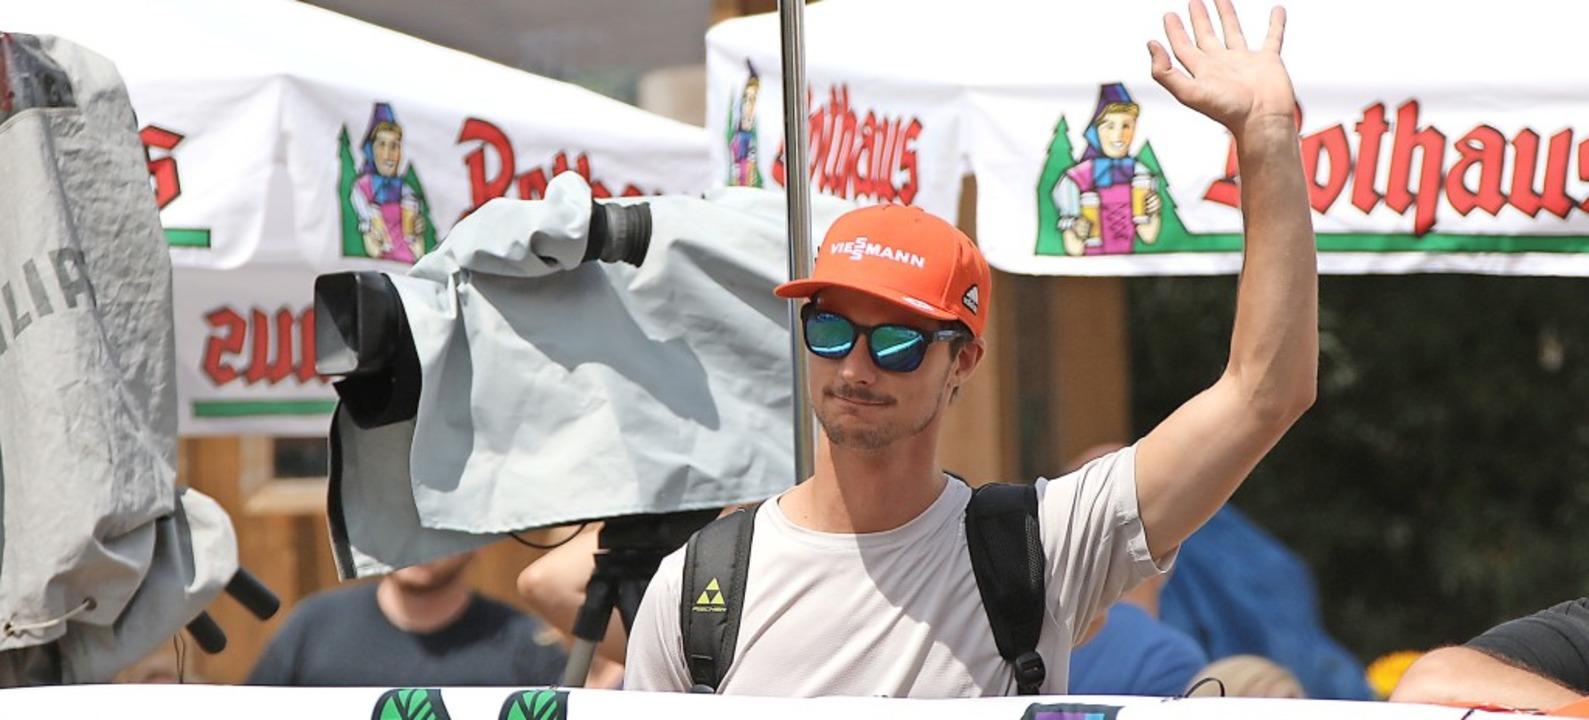 Ein letzter Gruß als Aktiver an die Fa... bei Sommer-Grand-Prix in Hinterzarten  | Foto: Joachim Hahne